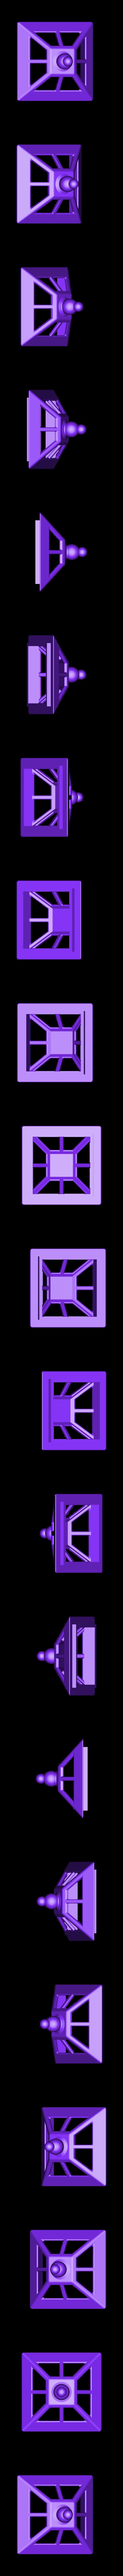 Lid.STL Télécharger fichier STL gratuit LED Litho-lanterne de vacances • Plan pour impression 3D, Festus440